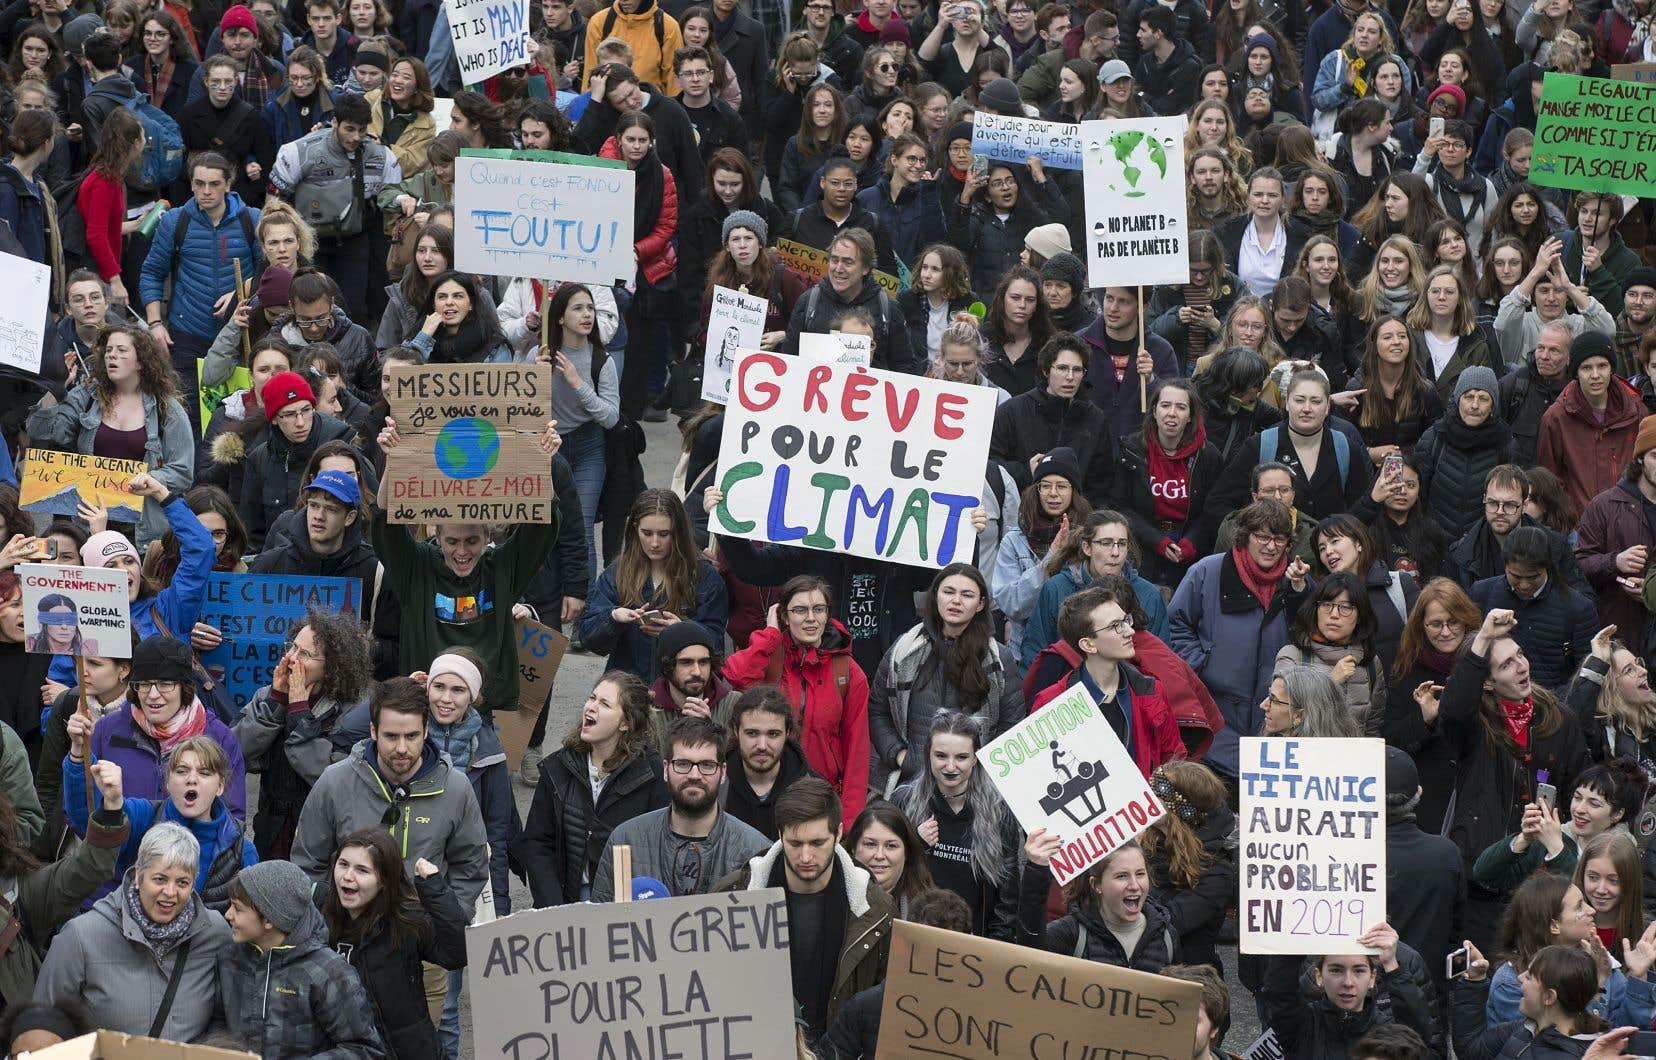 Une question d'examen posée sur le réchauffement climatique était si maladroite que des milliers d'élèves ont écrit sur une page Facebook pour se moquer le ministère de l'Éducation.